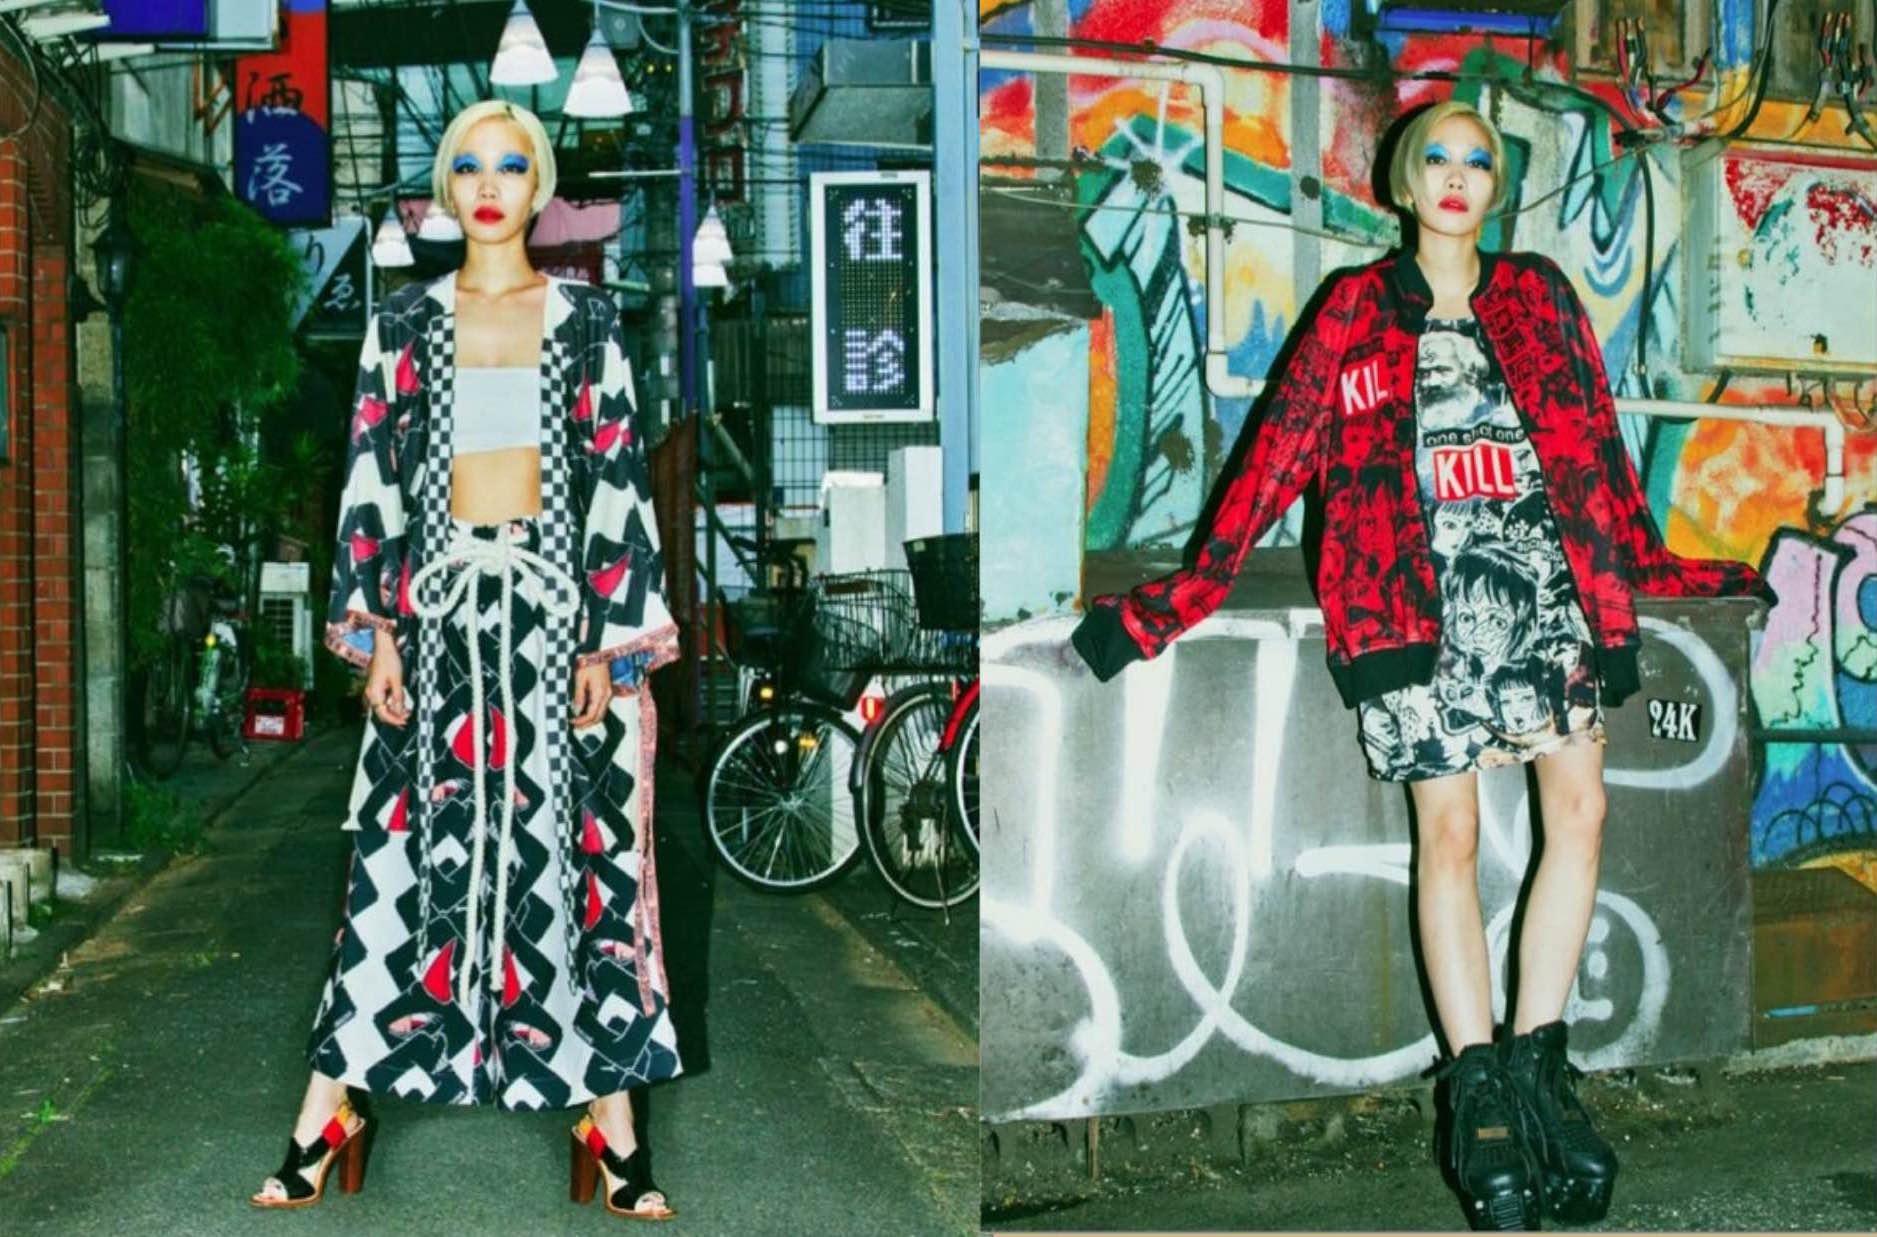 【ファッション】アートからファッションに!MEEWEEDINKEE 2016SS 展示会 11/27